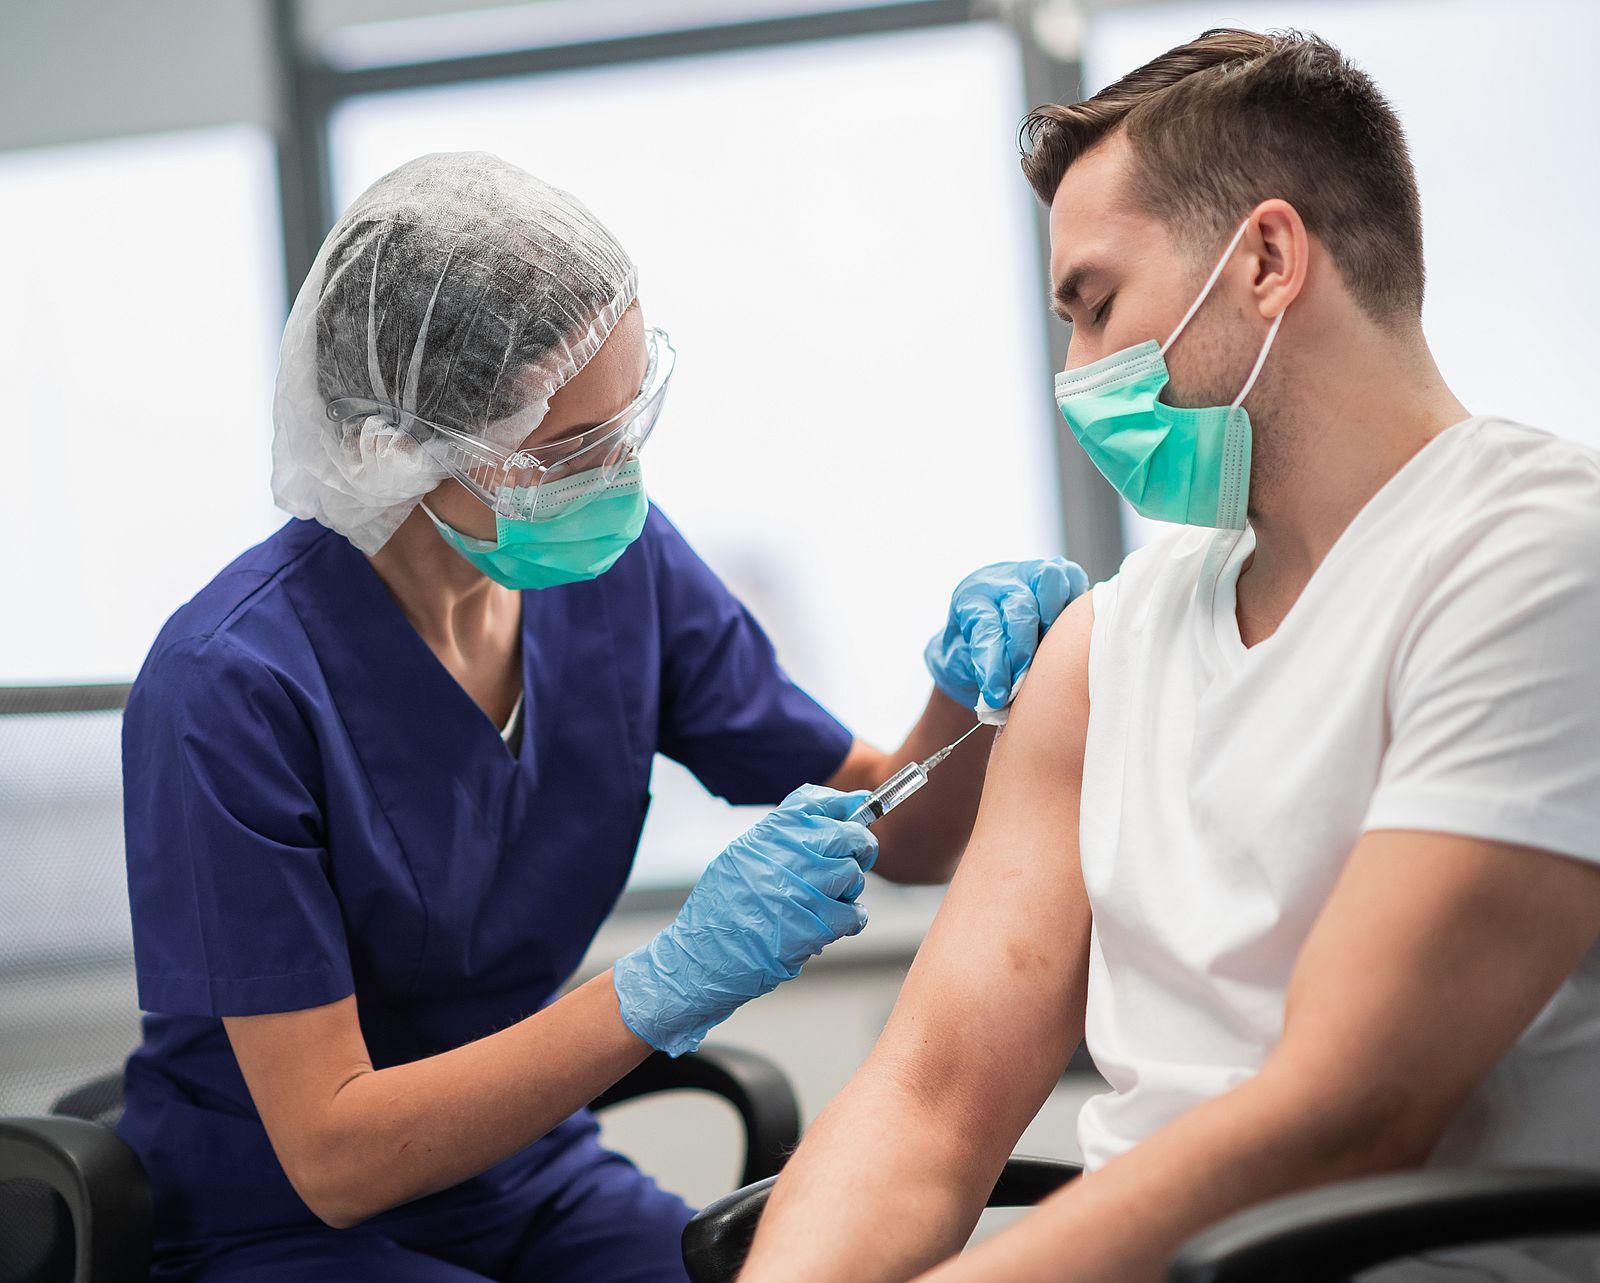 Wielkopolska. Ile osób jest zaszczepionych przeciwko COVID-19? [MAPA I RANKING POWIATÓW] - Zdjęcie główne